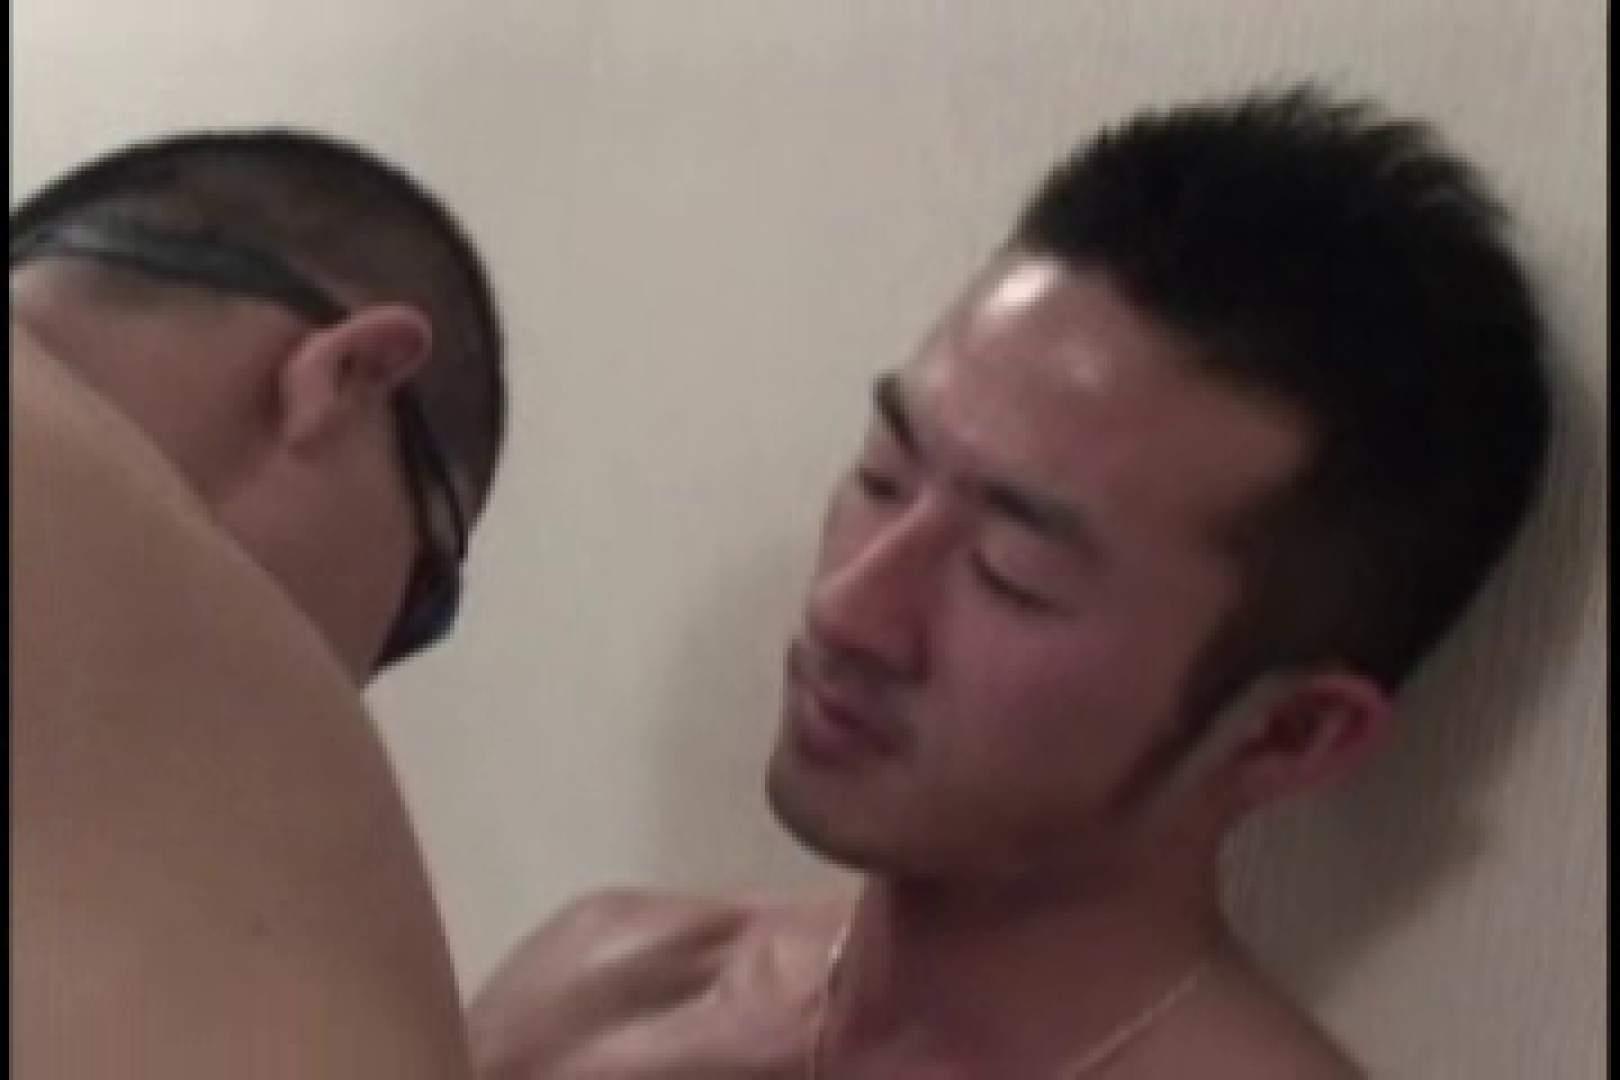 スリ筋!!スポメンのDANKON最高!!take.04 まじ生挿入 ゲイAV画像 111pic 45